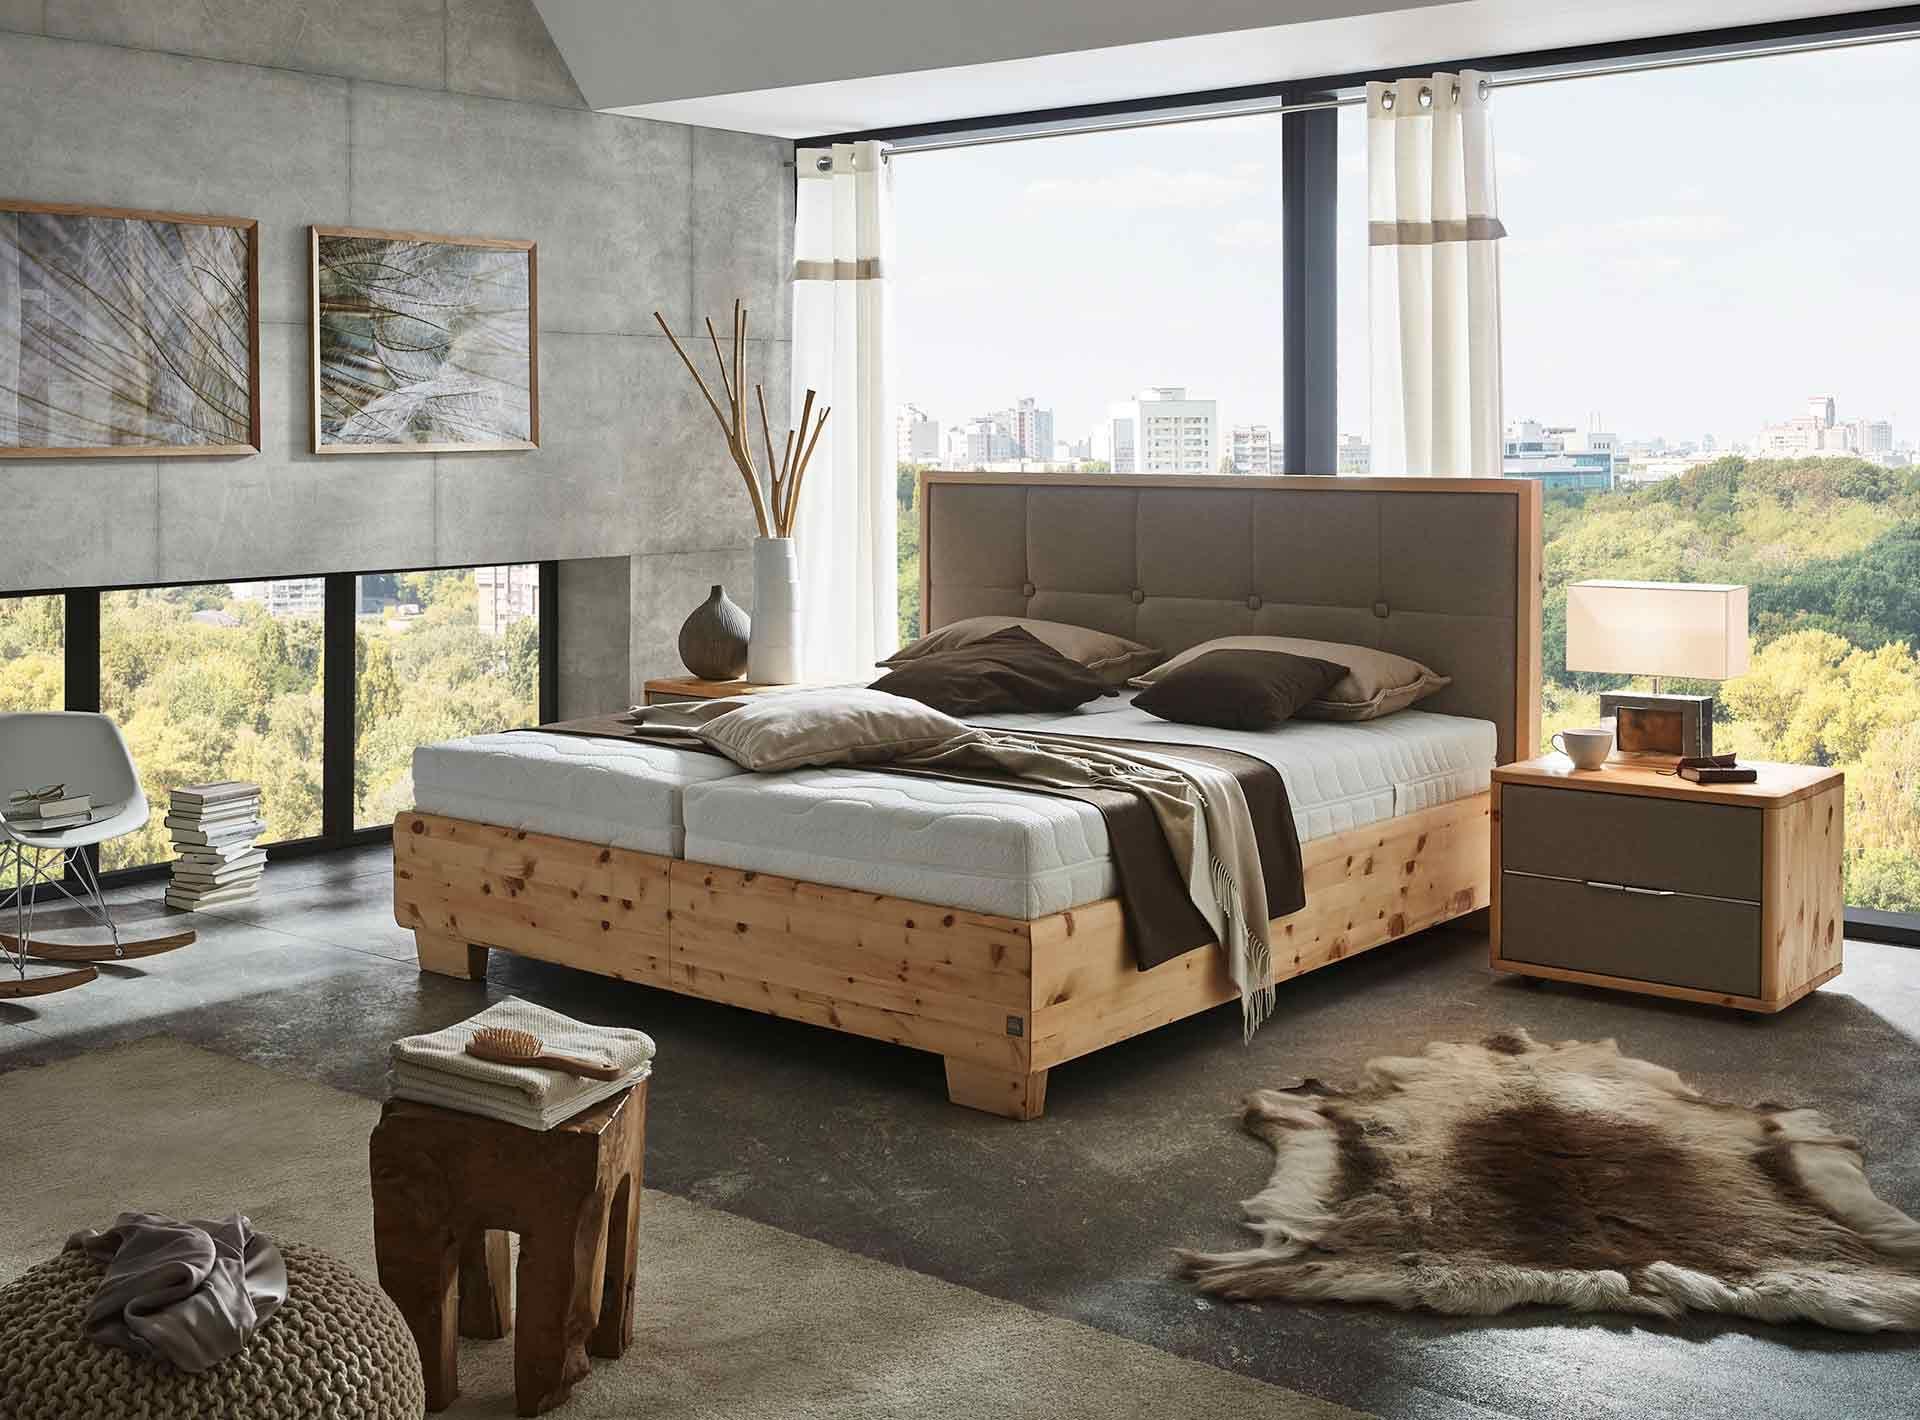 Schlafen Taschenfederkernmatratze Matratze Und Zimmer Einrichten